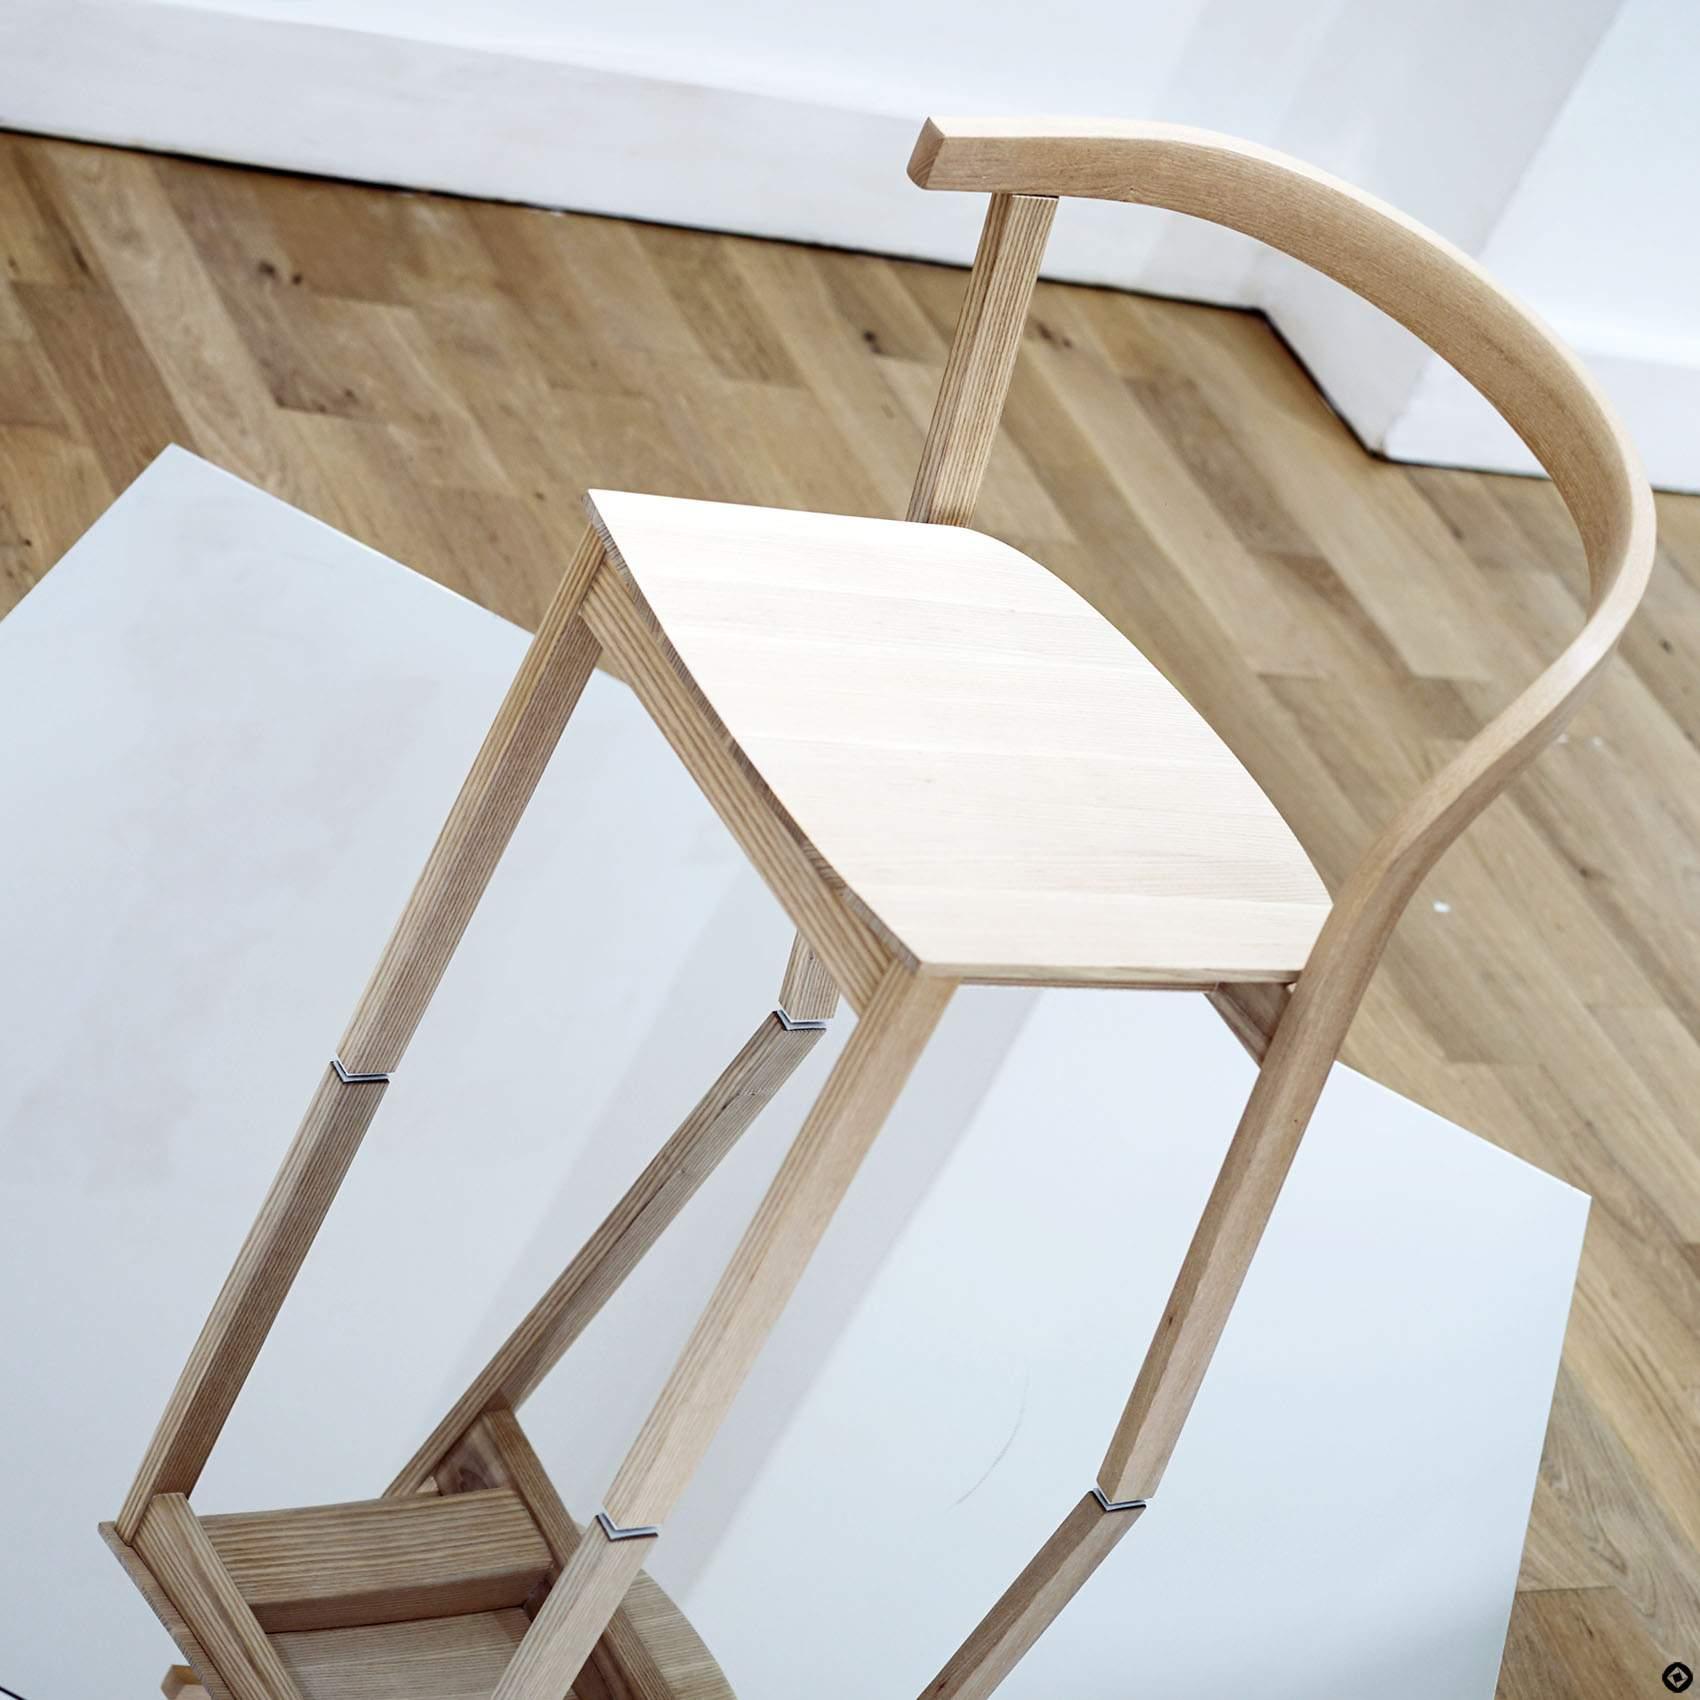 pdw16-galerie-joseph-blog-design-7